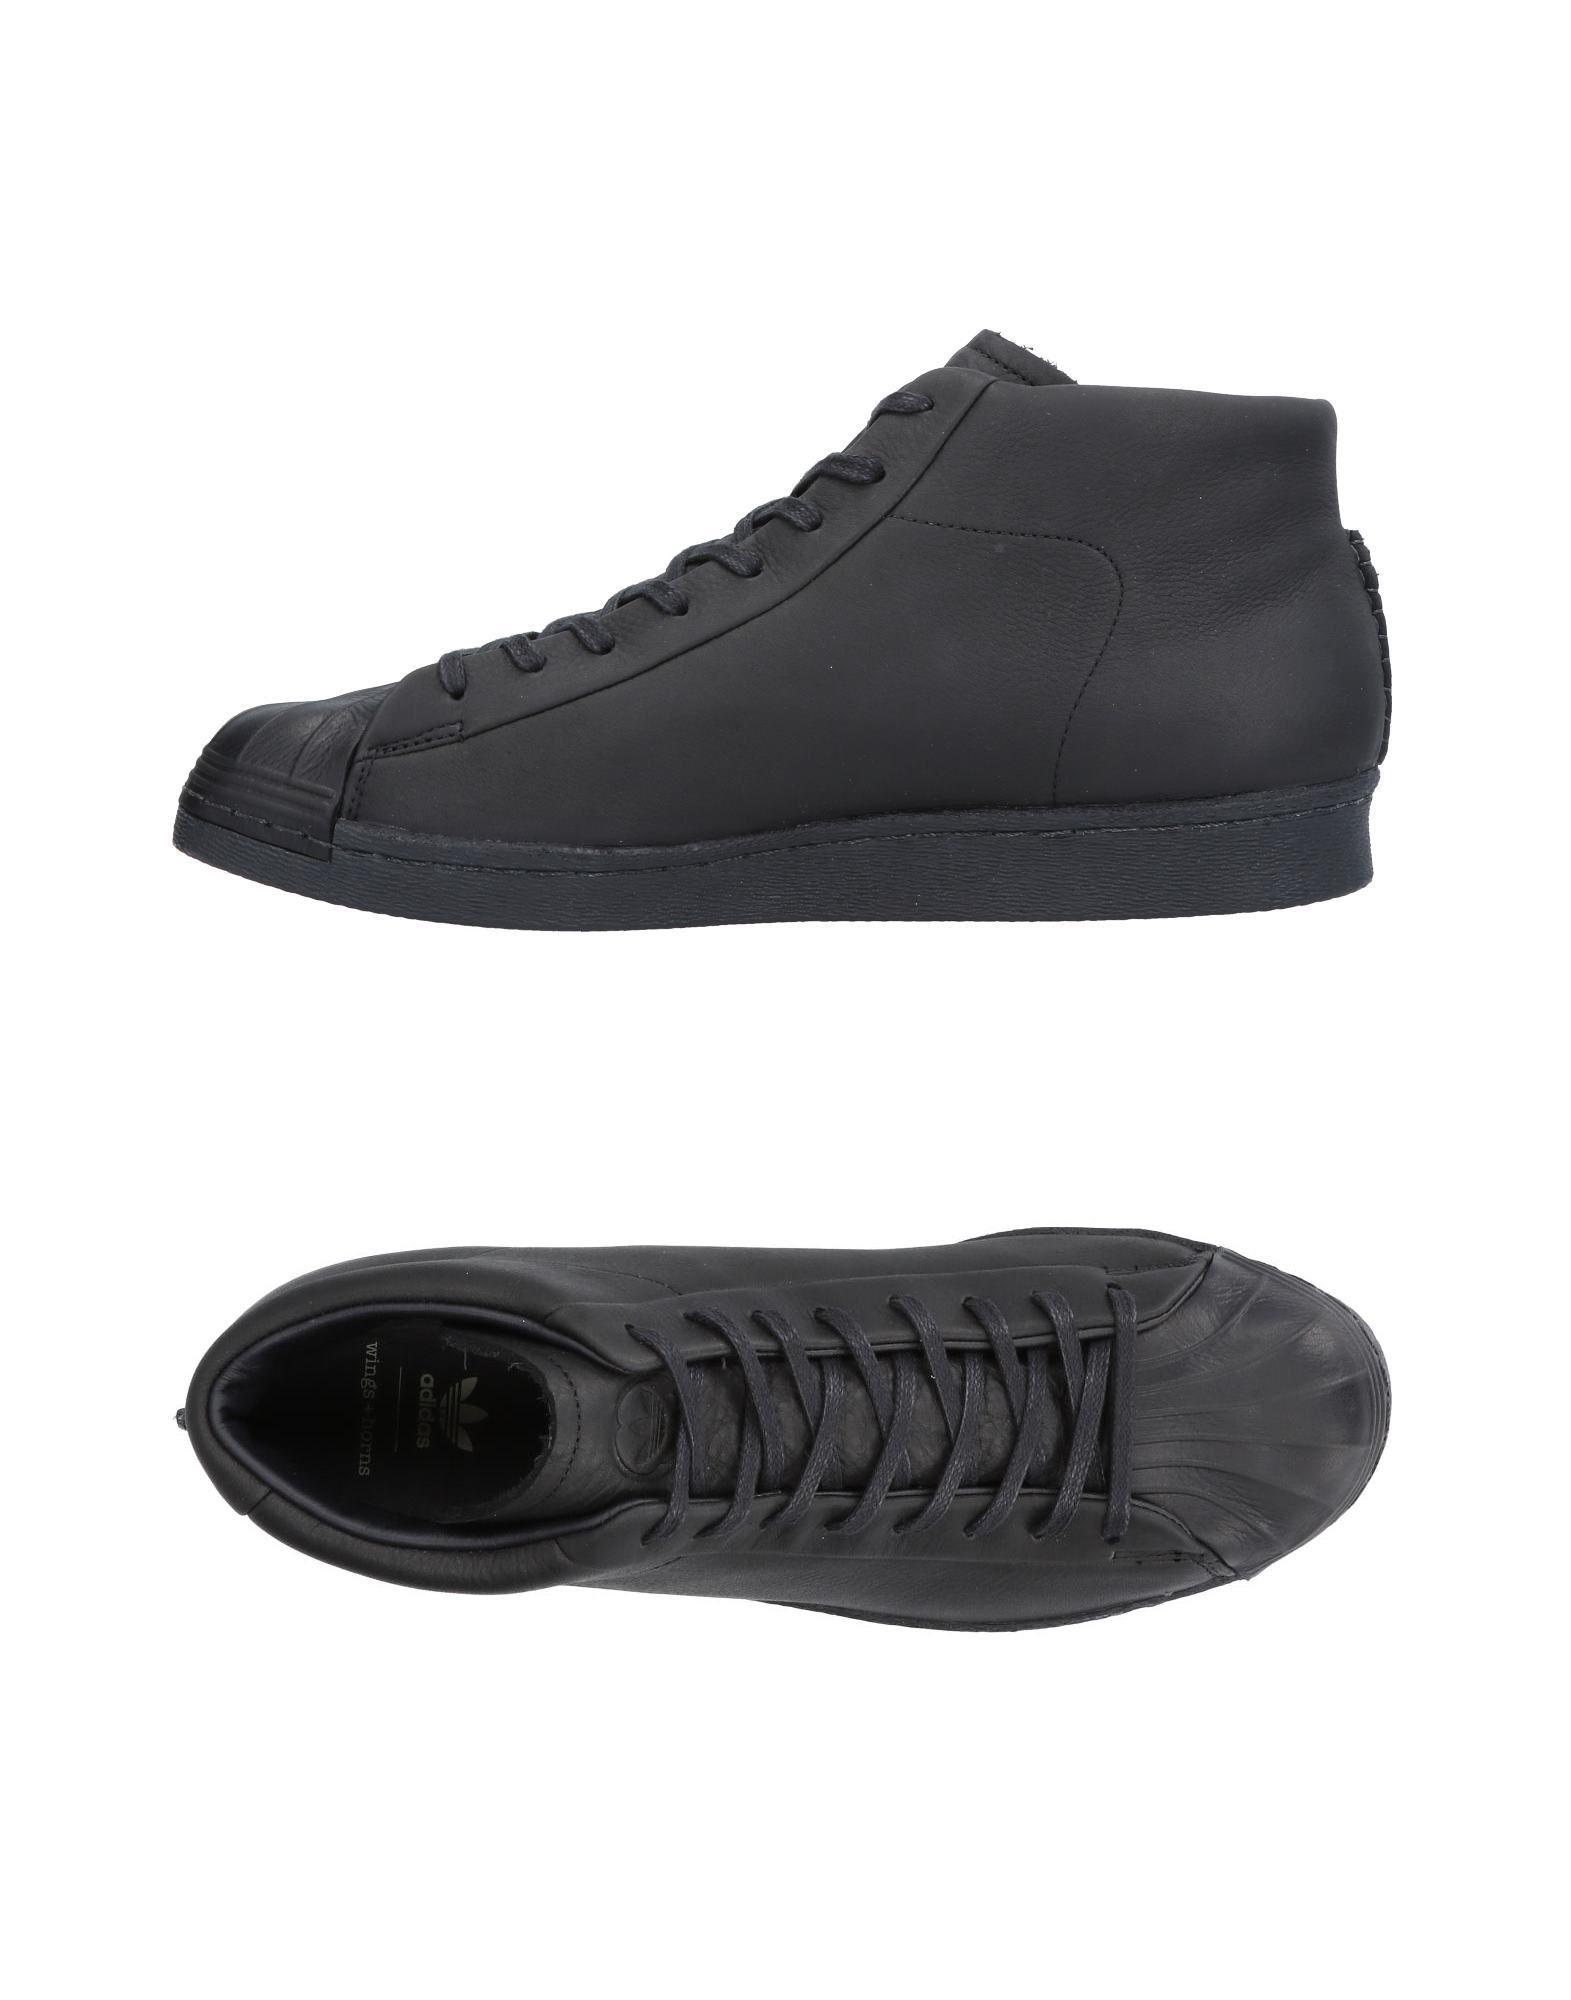 ADIDAS BY WINGS + HORNS Sneakers in Black